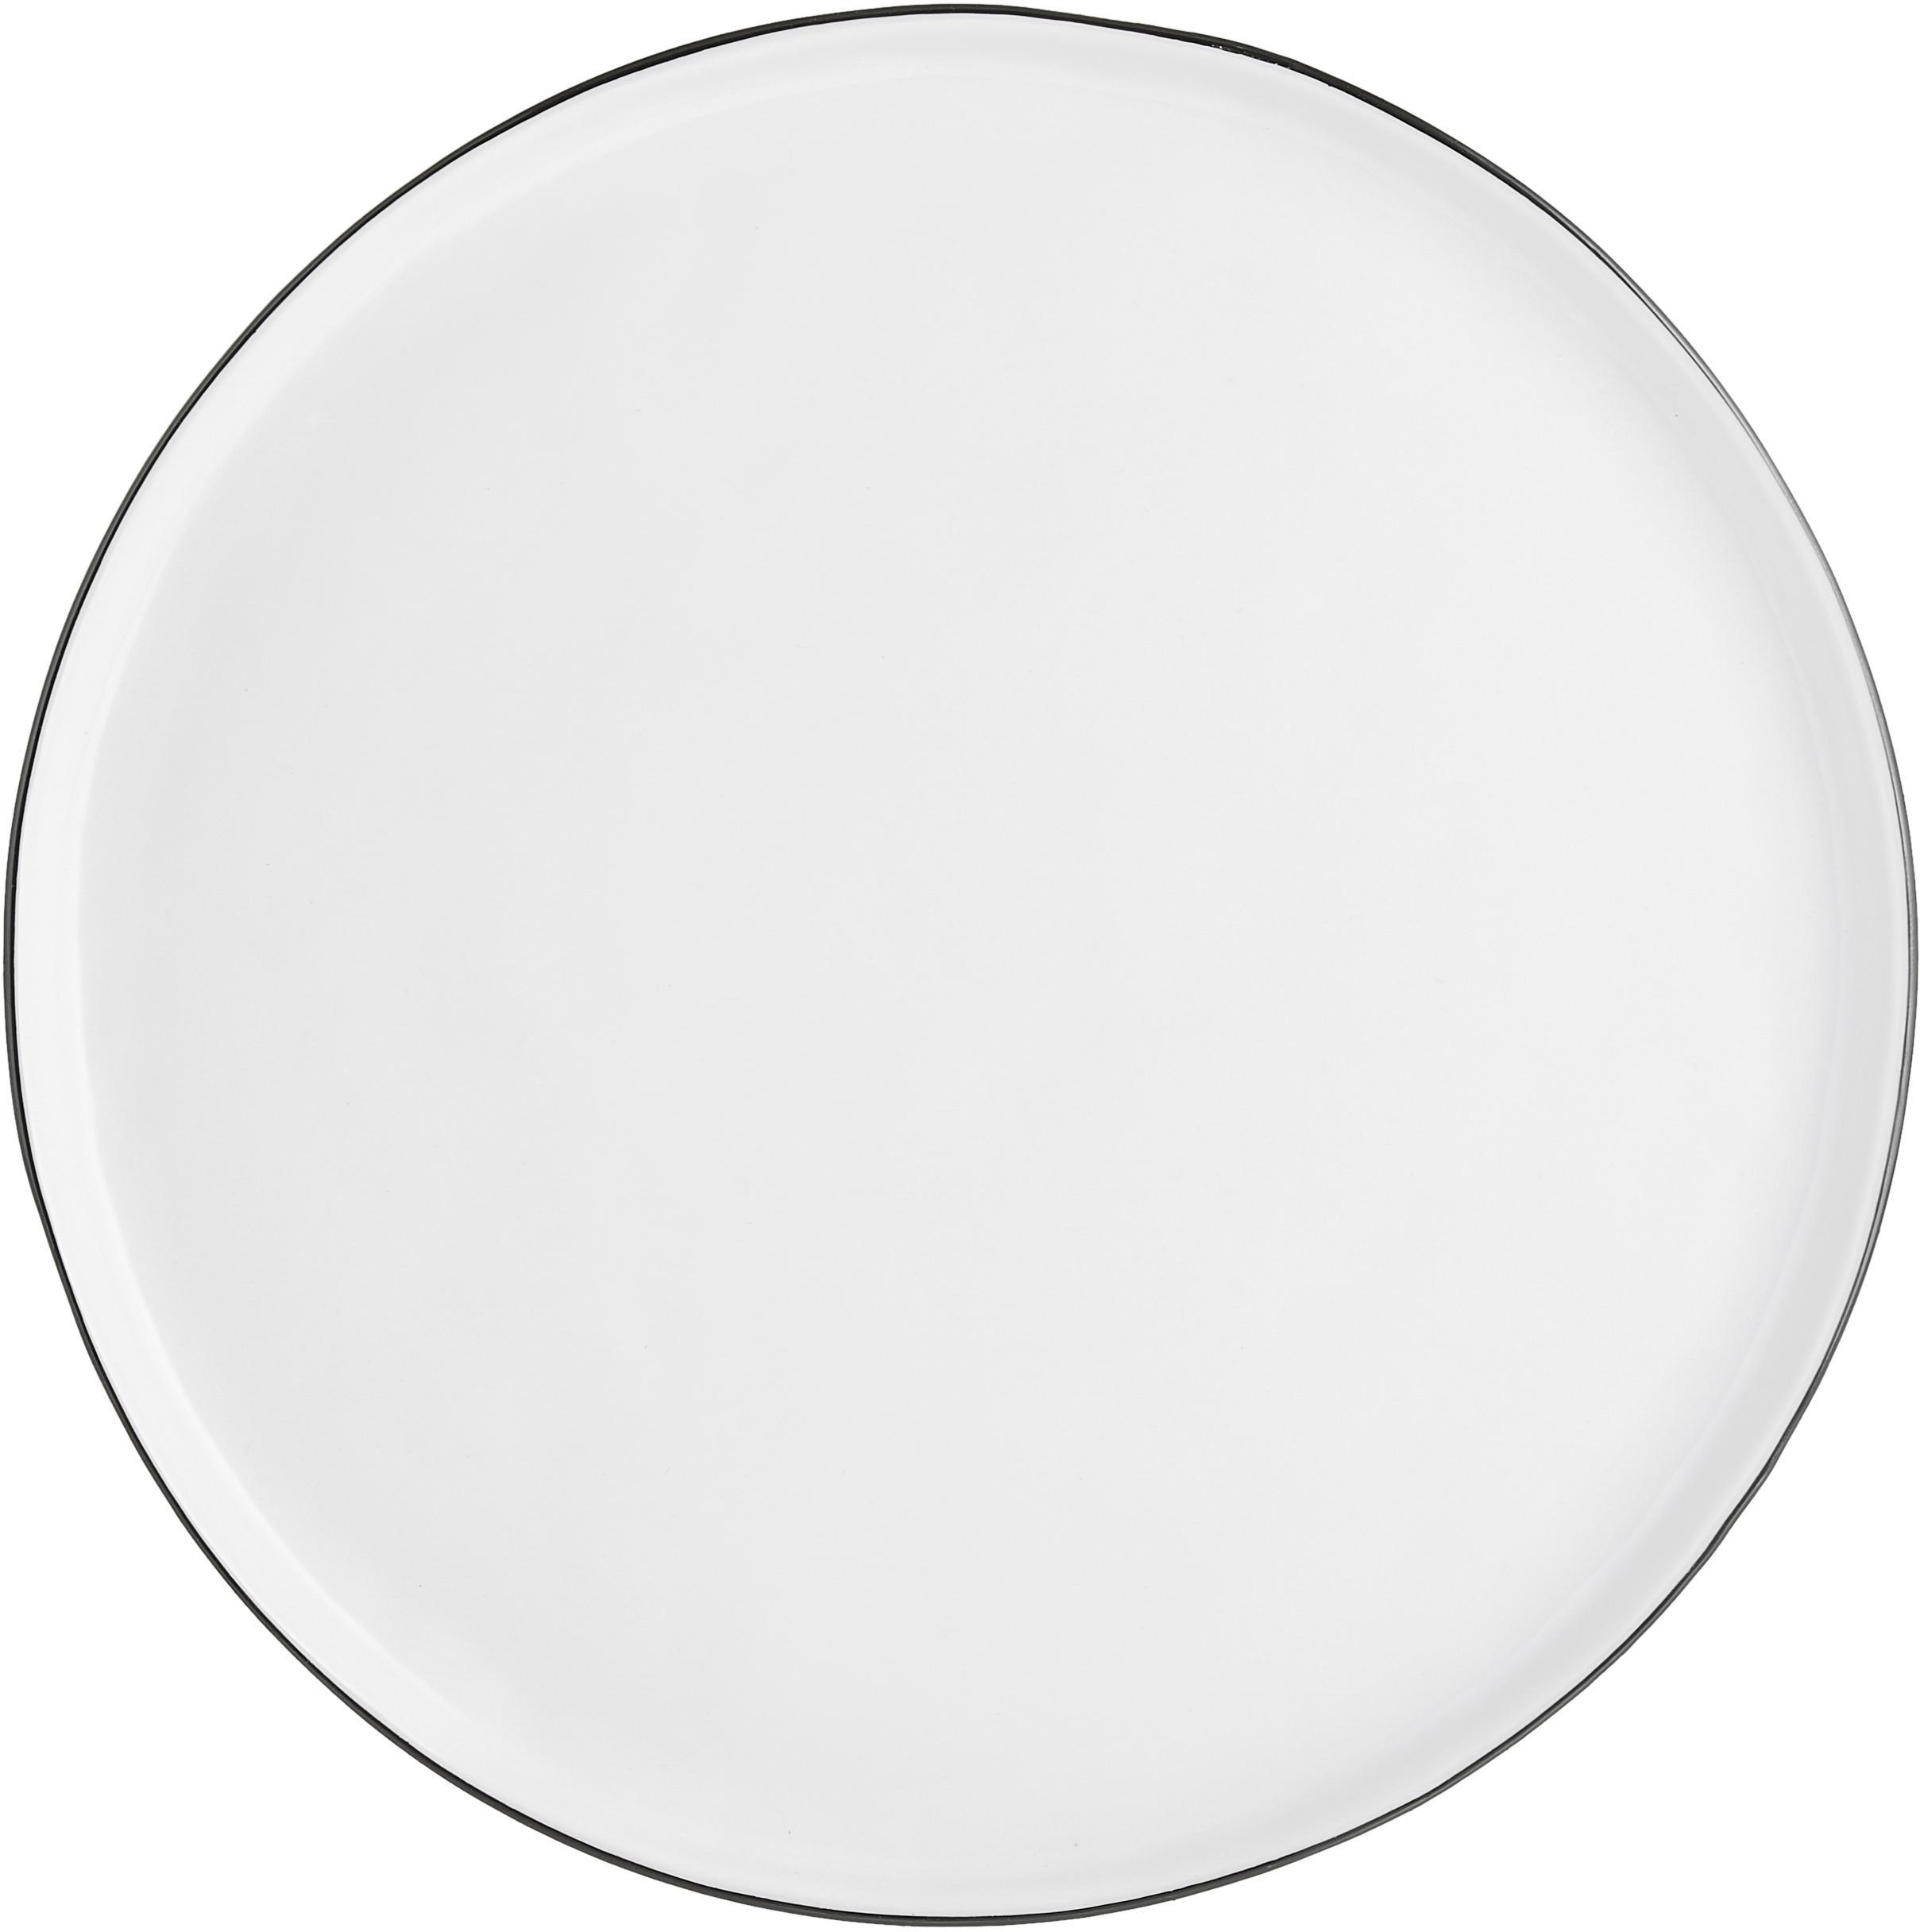 Handgemachte Speiseteller Salt mit schwarzem Rand, 4 Stück, Porzellan, Gebrochenes Weiß, Schwarz, Ø 28 cm